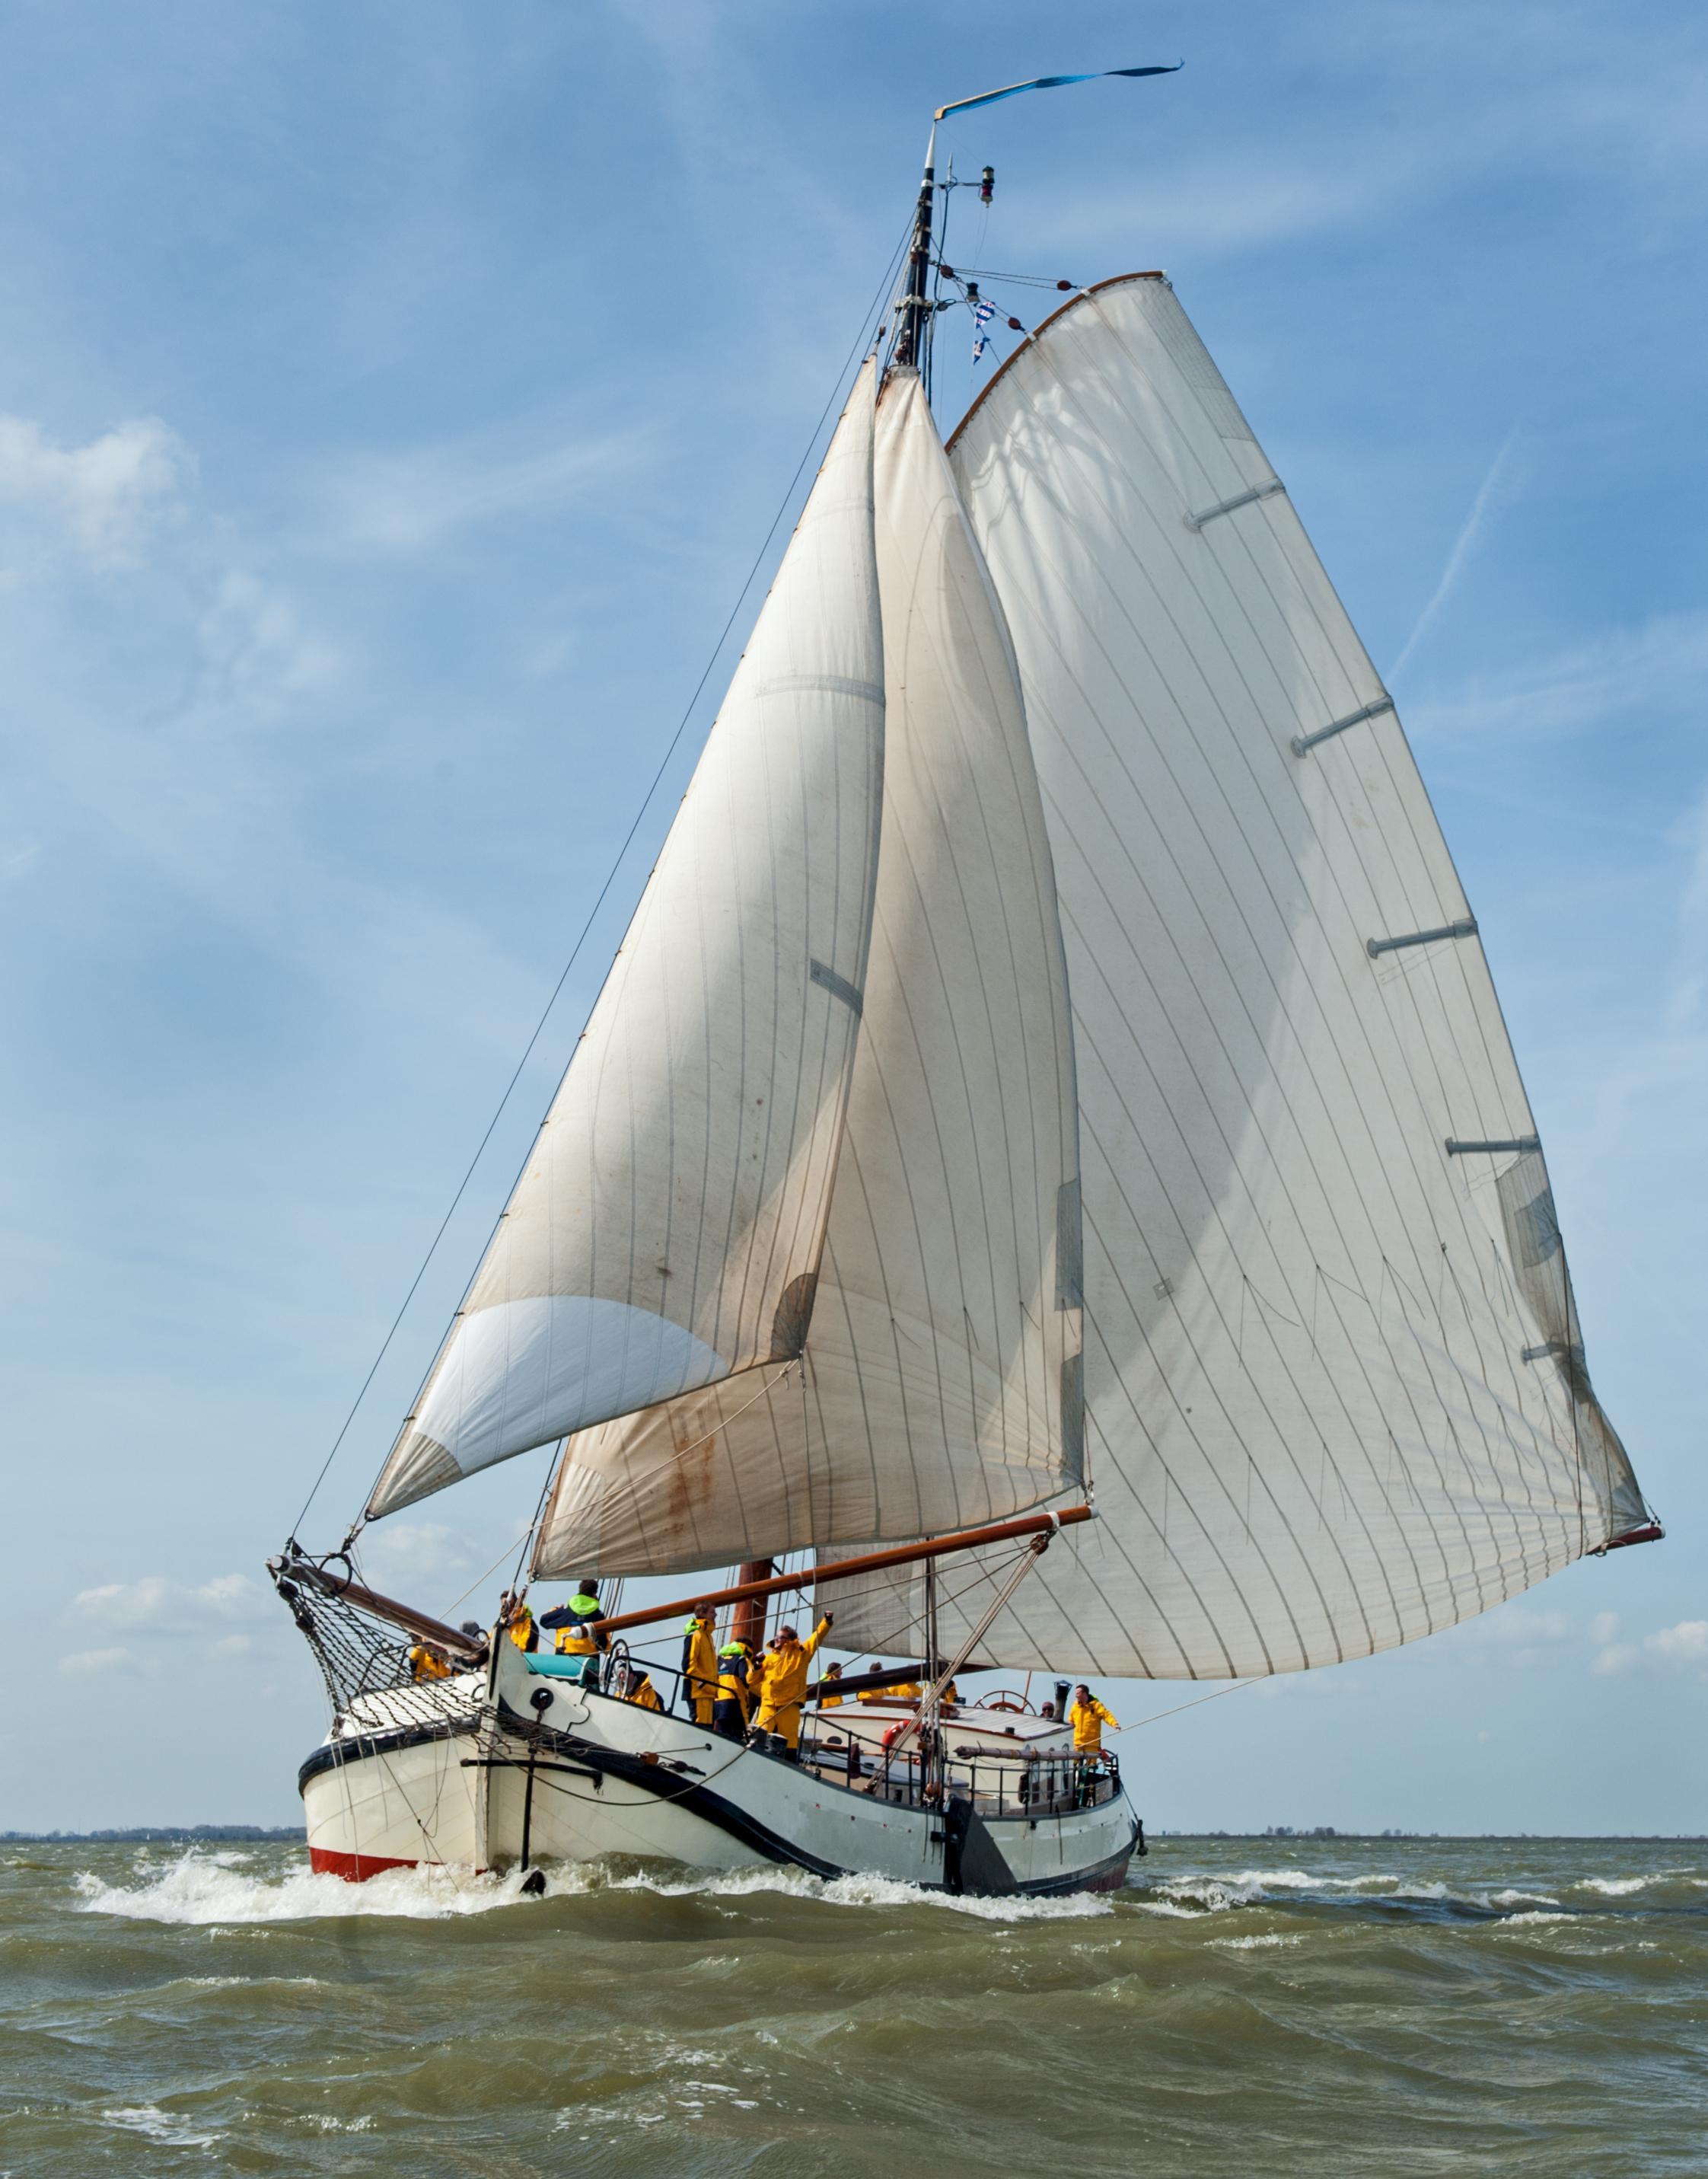 Schipper Maurits Minnaard mag met Enkhuizer tjalk Eendracht ondanks coronacrisis wel zeiltochtjes voor gezinnen verzorgen: 'Zo'n schip hoort gewoon op het water'